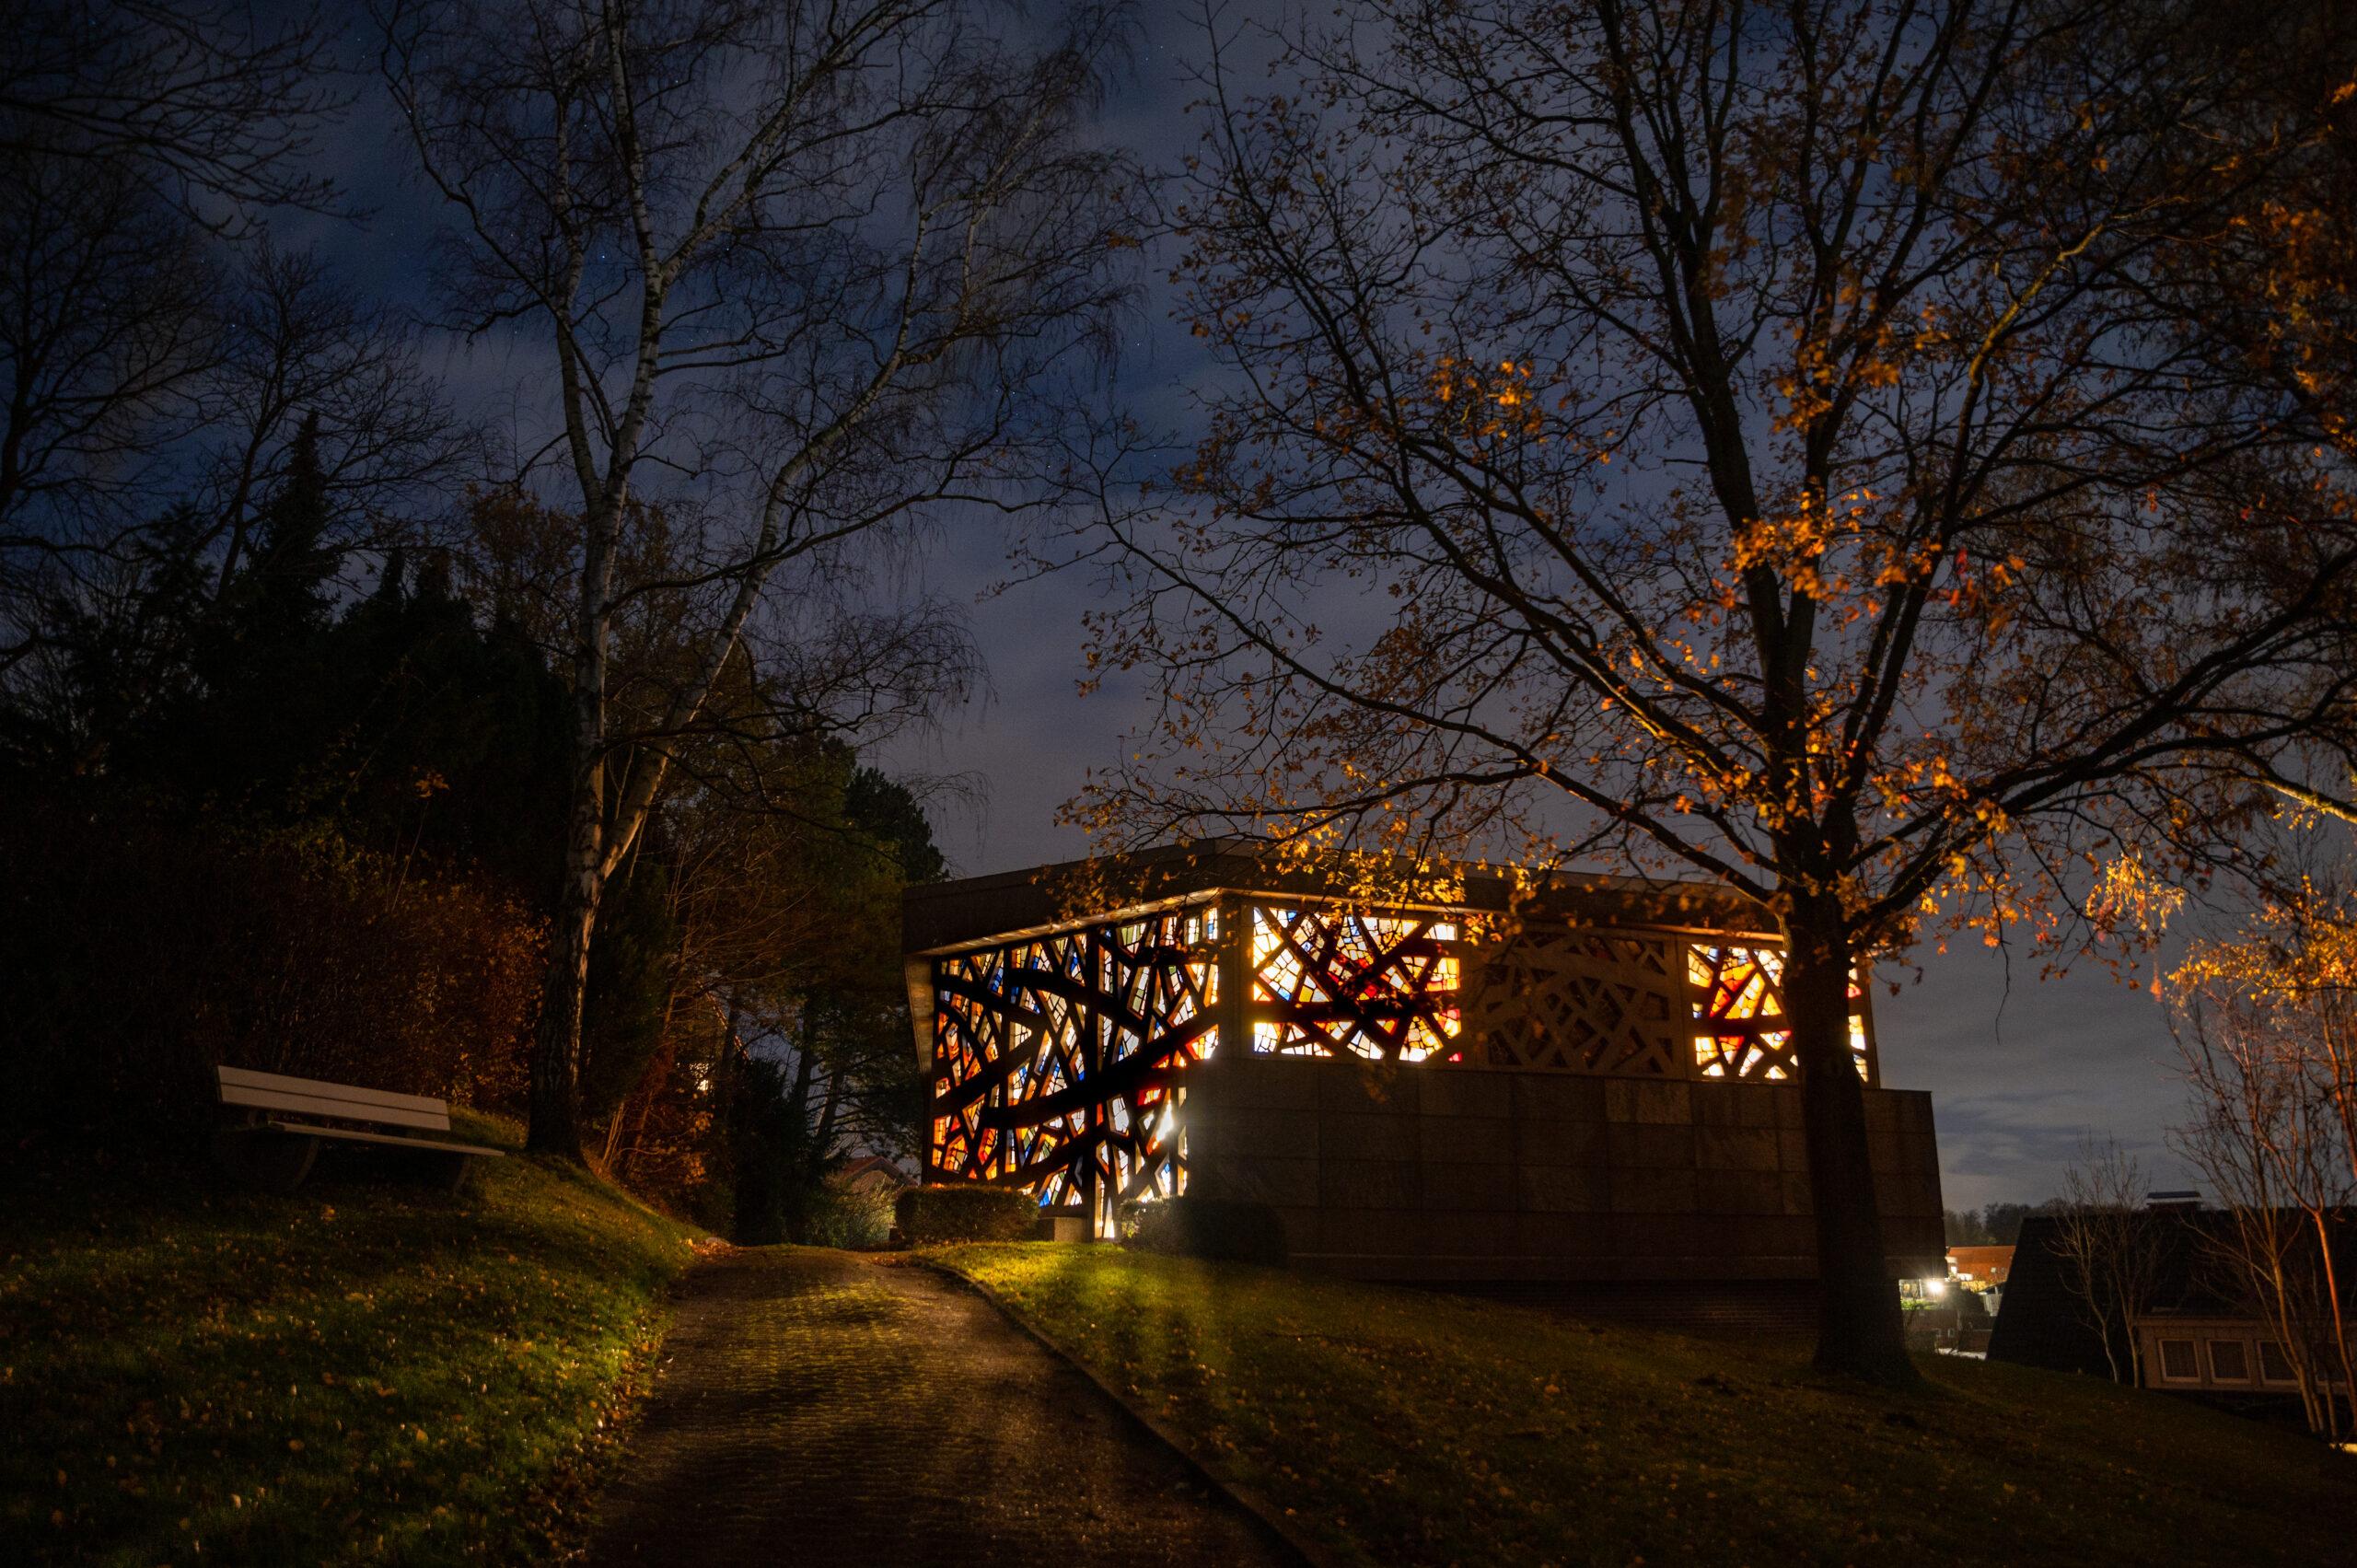 Ansicht der Friedhofskapelle Hausberge aus Richtung des Friedhofs.